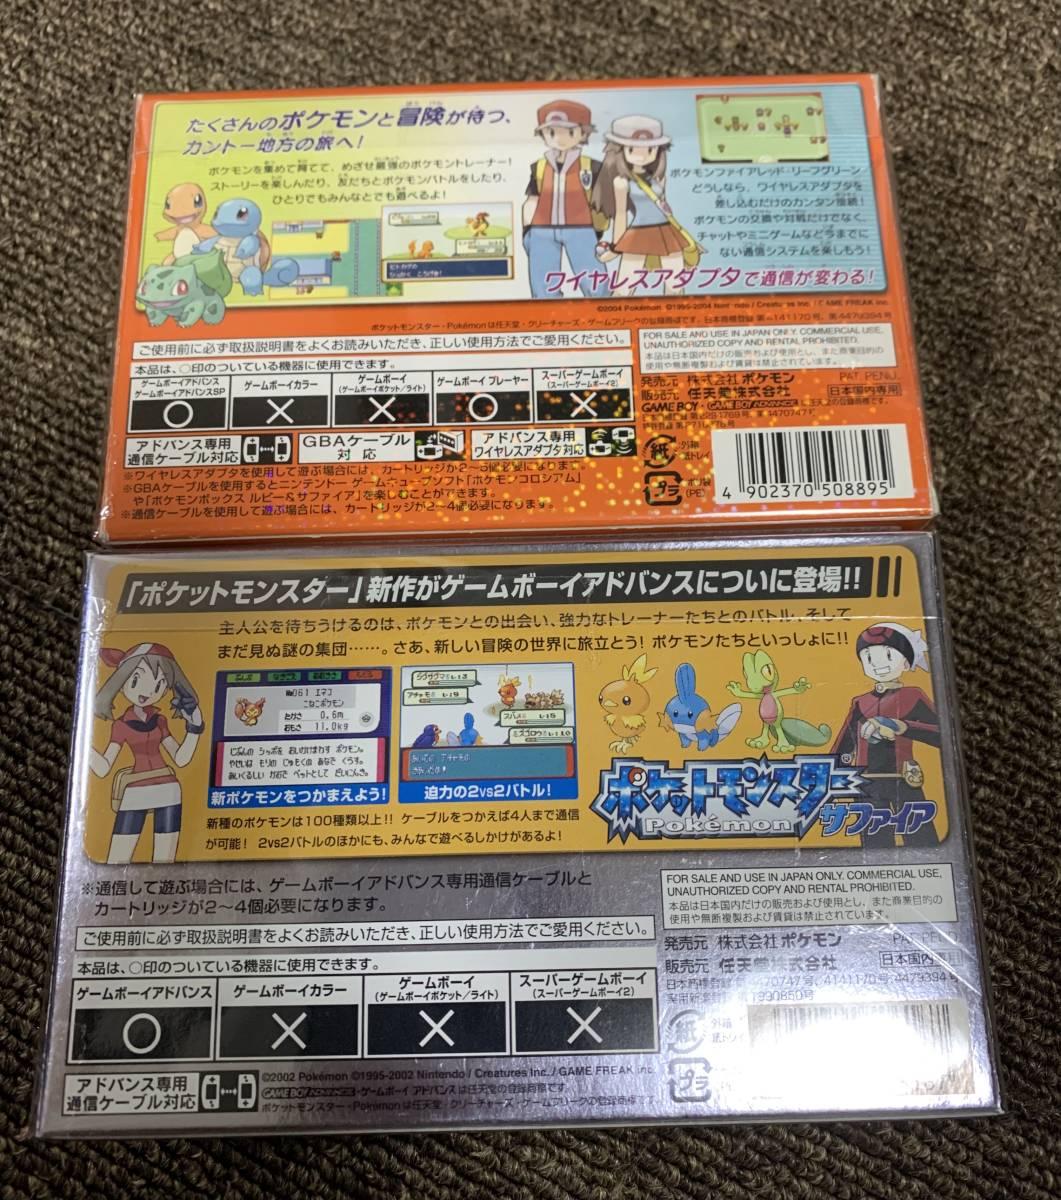 【GBA】ポケット モンスター ファイアレッド サファイア 2本セット ゲームボーイ アドバンス ポケモン